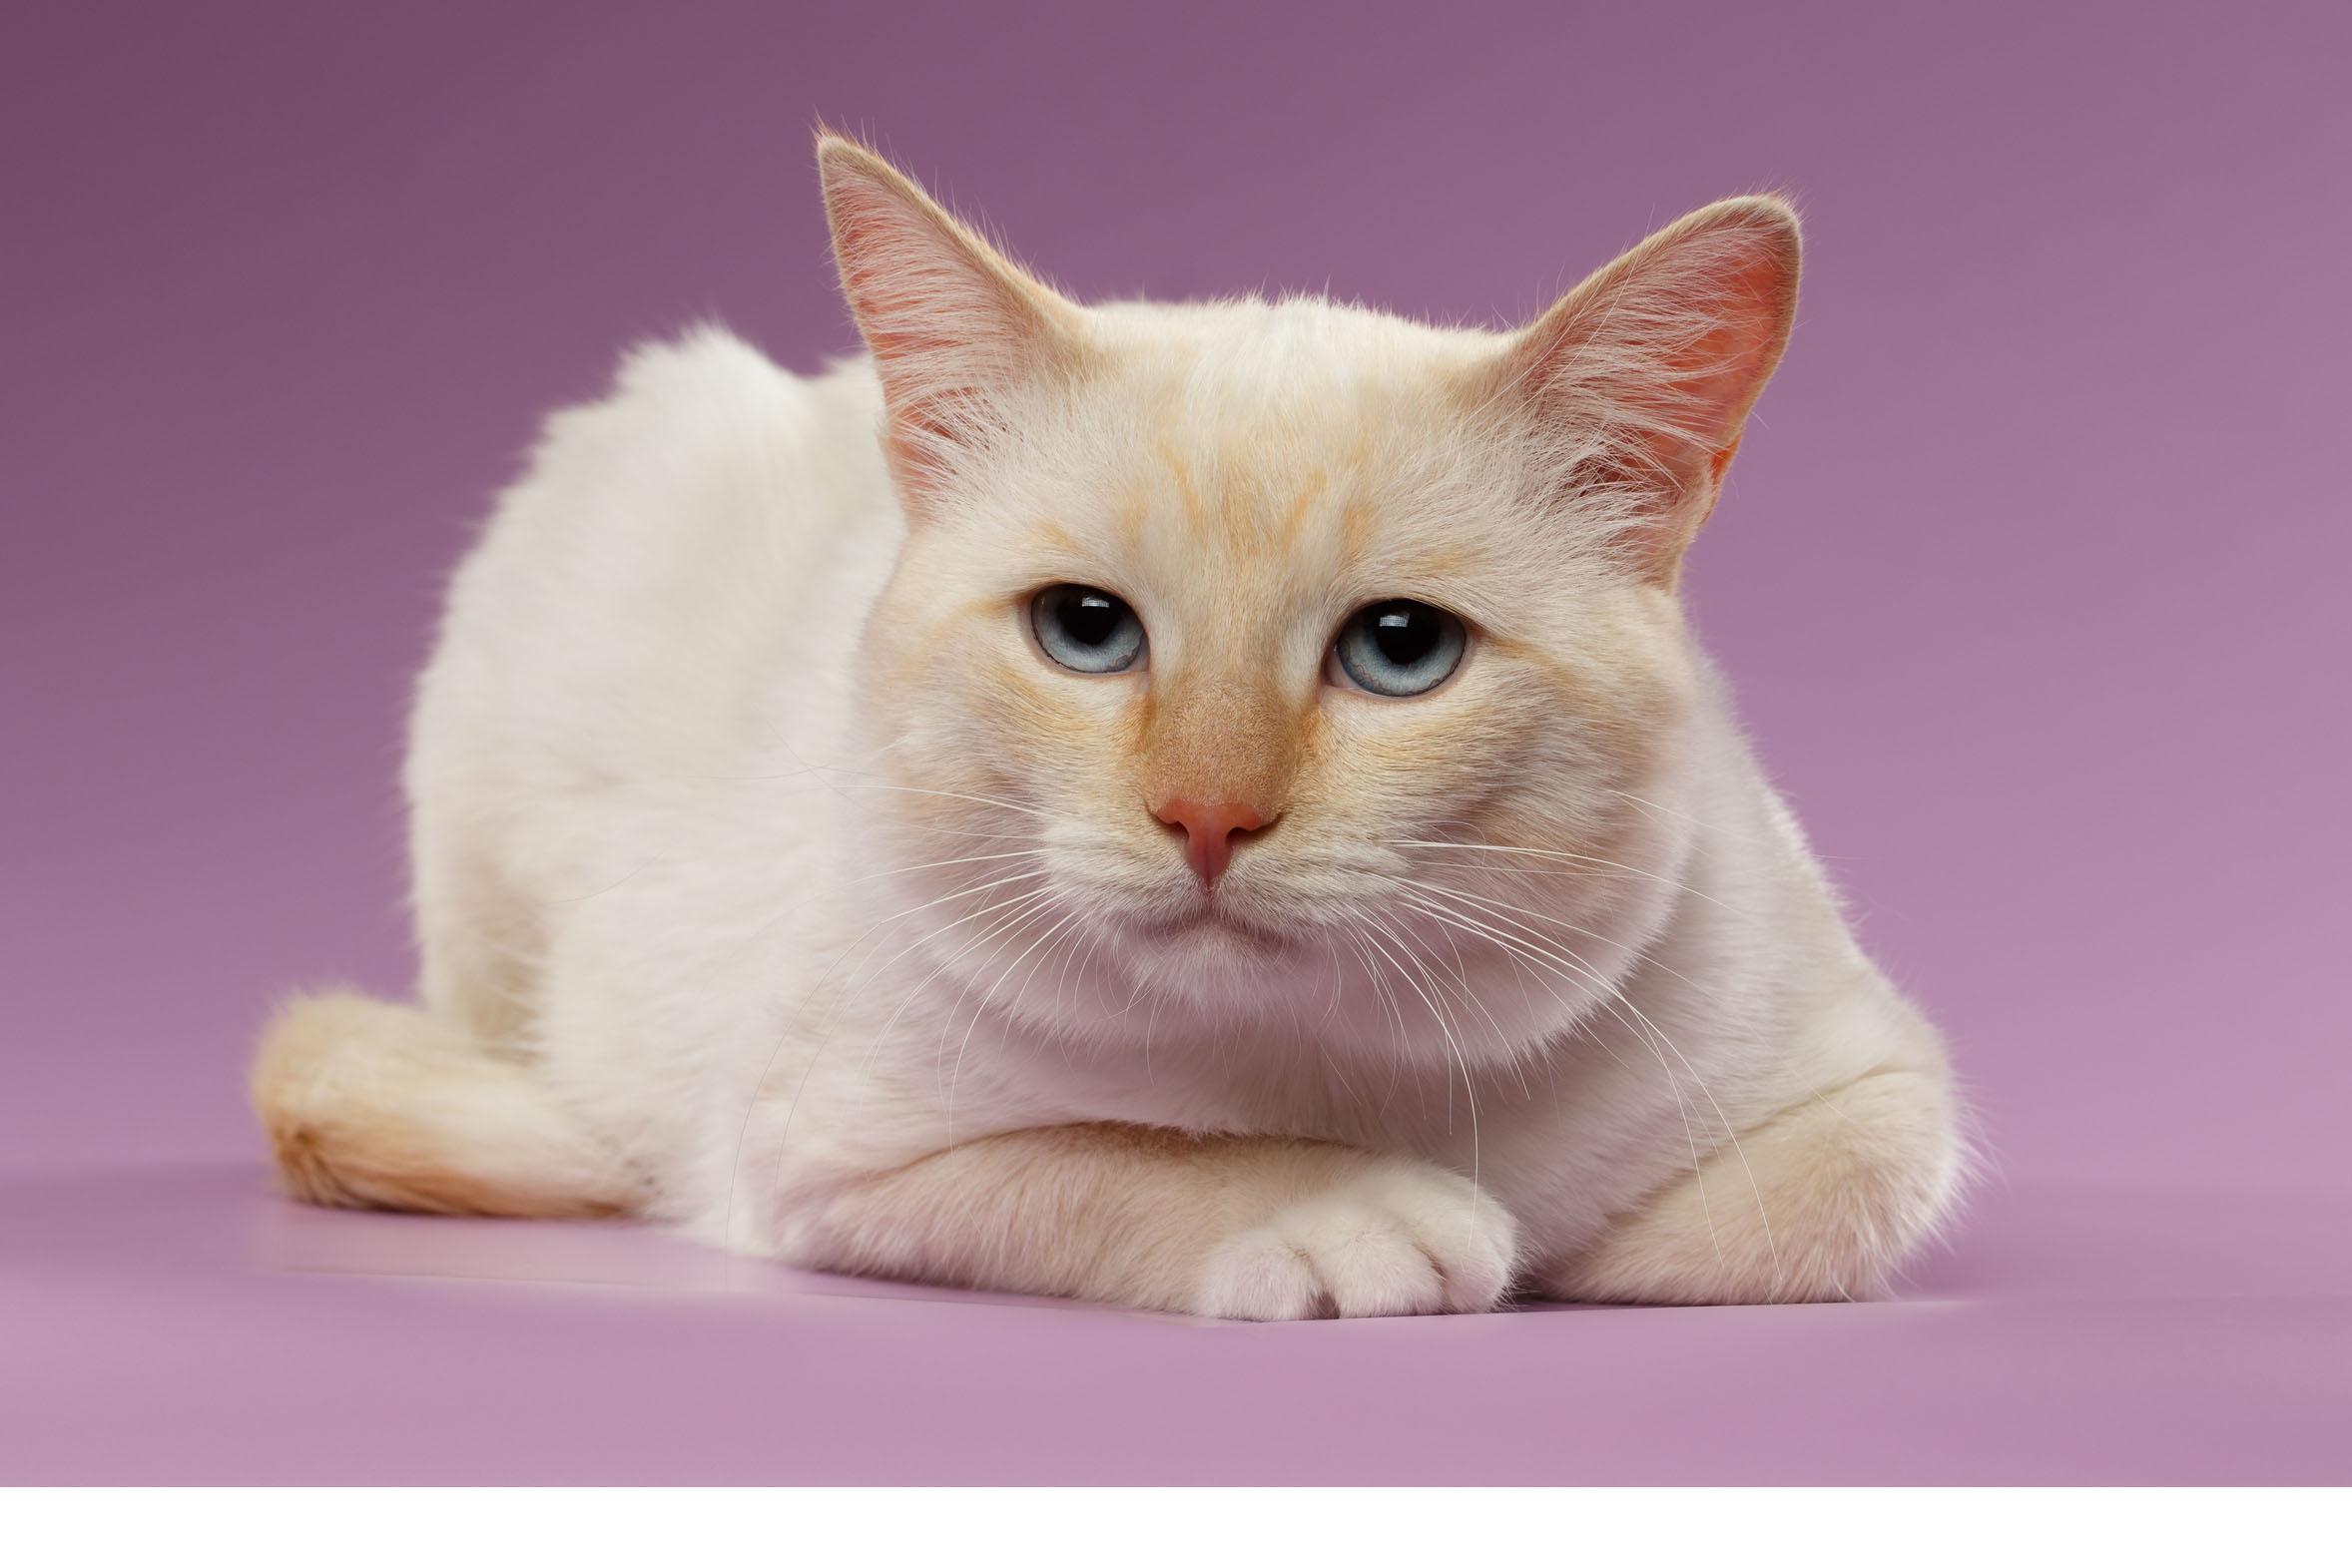 Esta demostrado que las mascotas se parecen a sus dueños en distintos aspectos tales como el carácter y los sentimientos